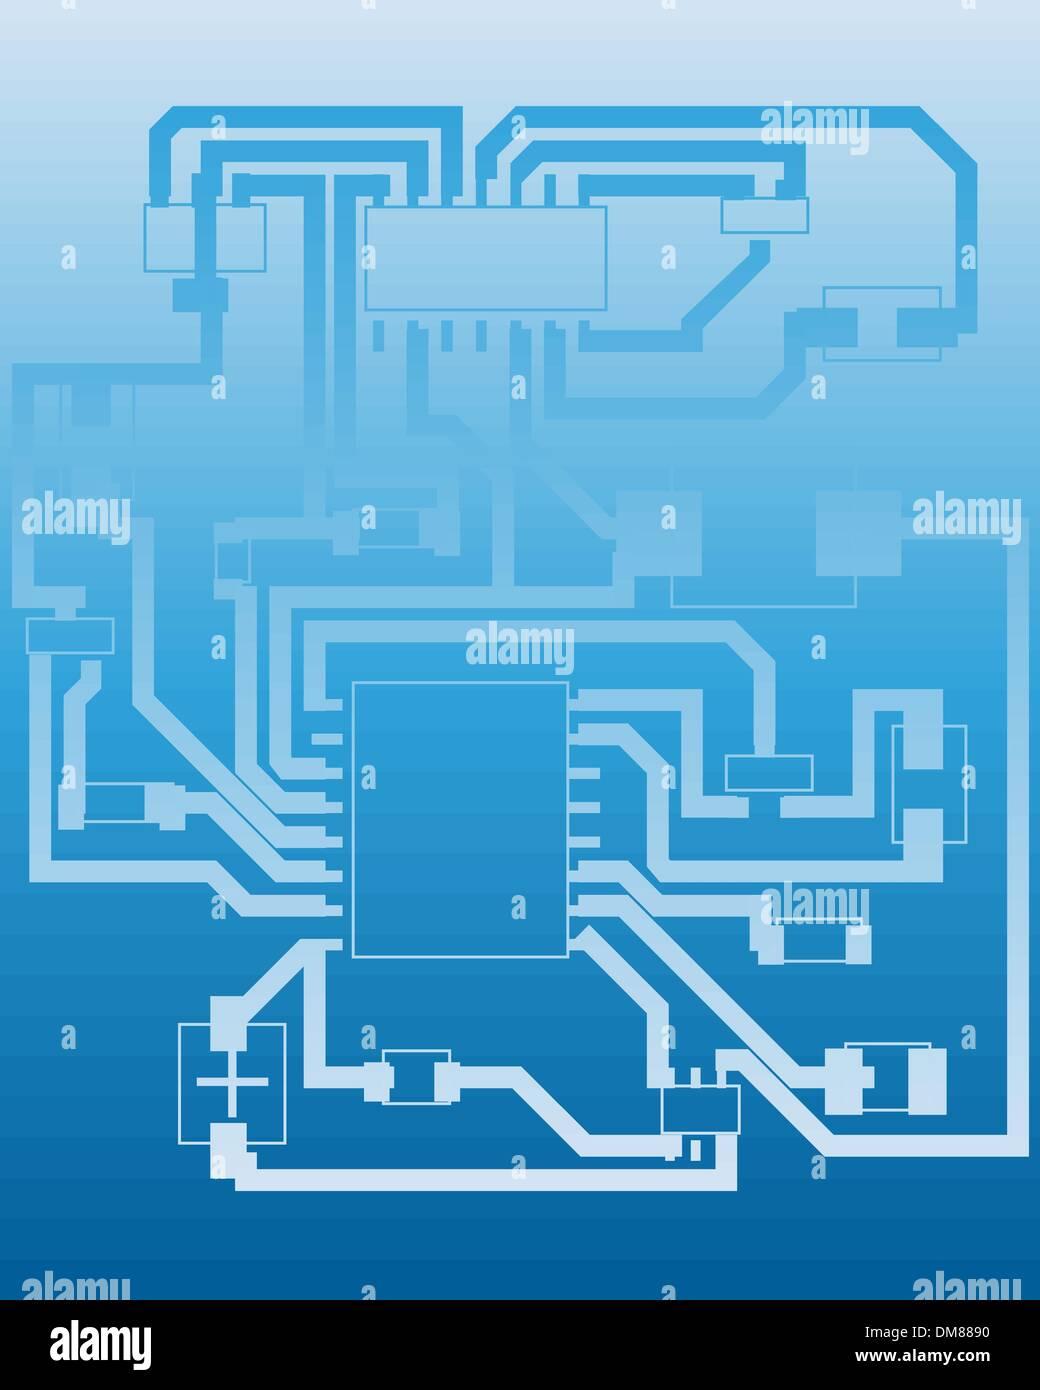 Schema Elettrico City : Schema elettrico immagini schema elettrico fotos stock alamy